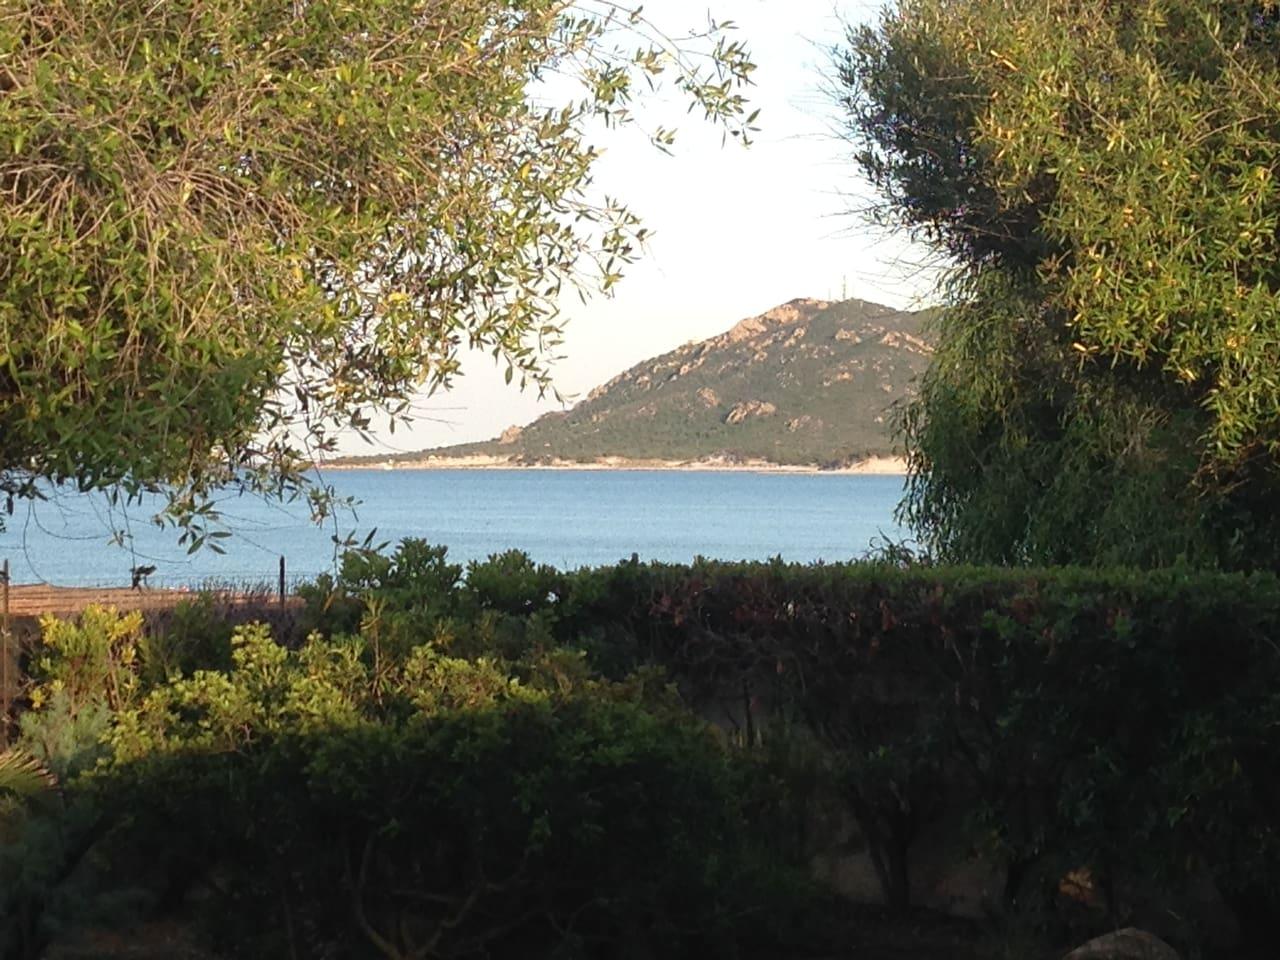 Vista dalla veranda. Lo sguardo va al panorama del mare e della spiaggia, che  è a pochi metri.